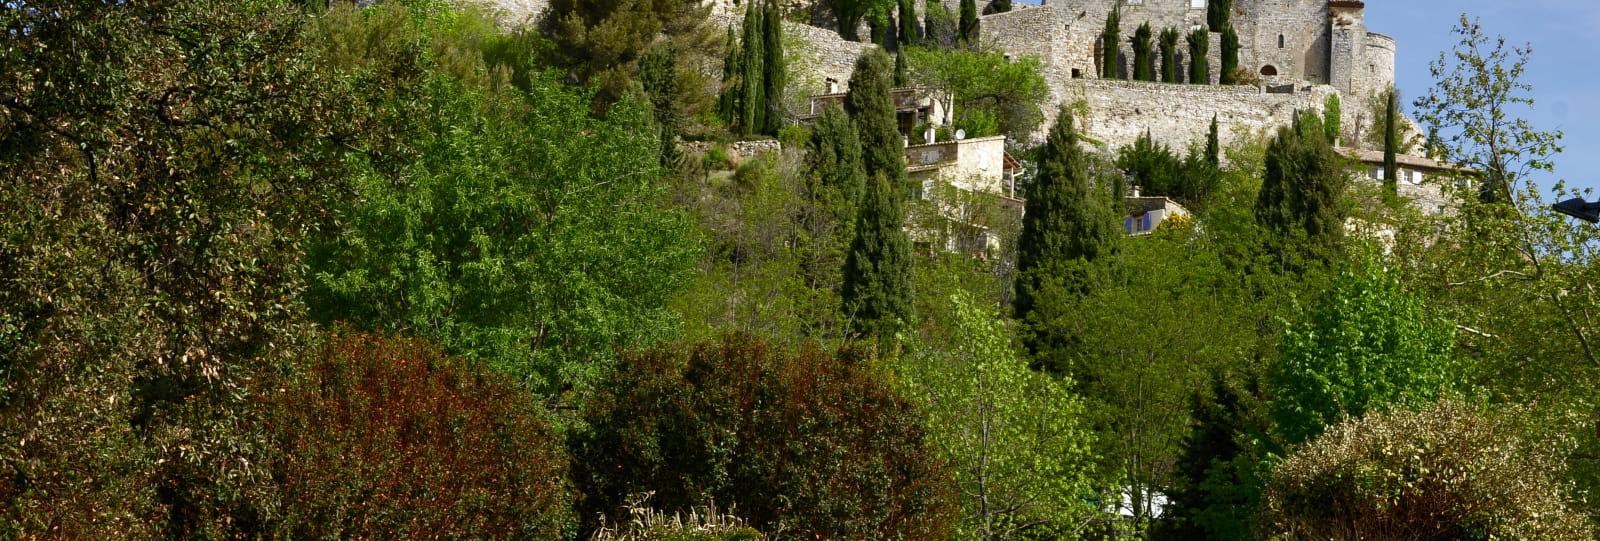 Vue générale - Village de Roussas